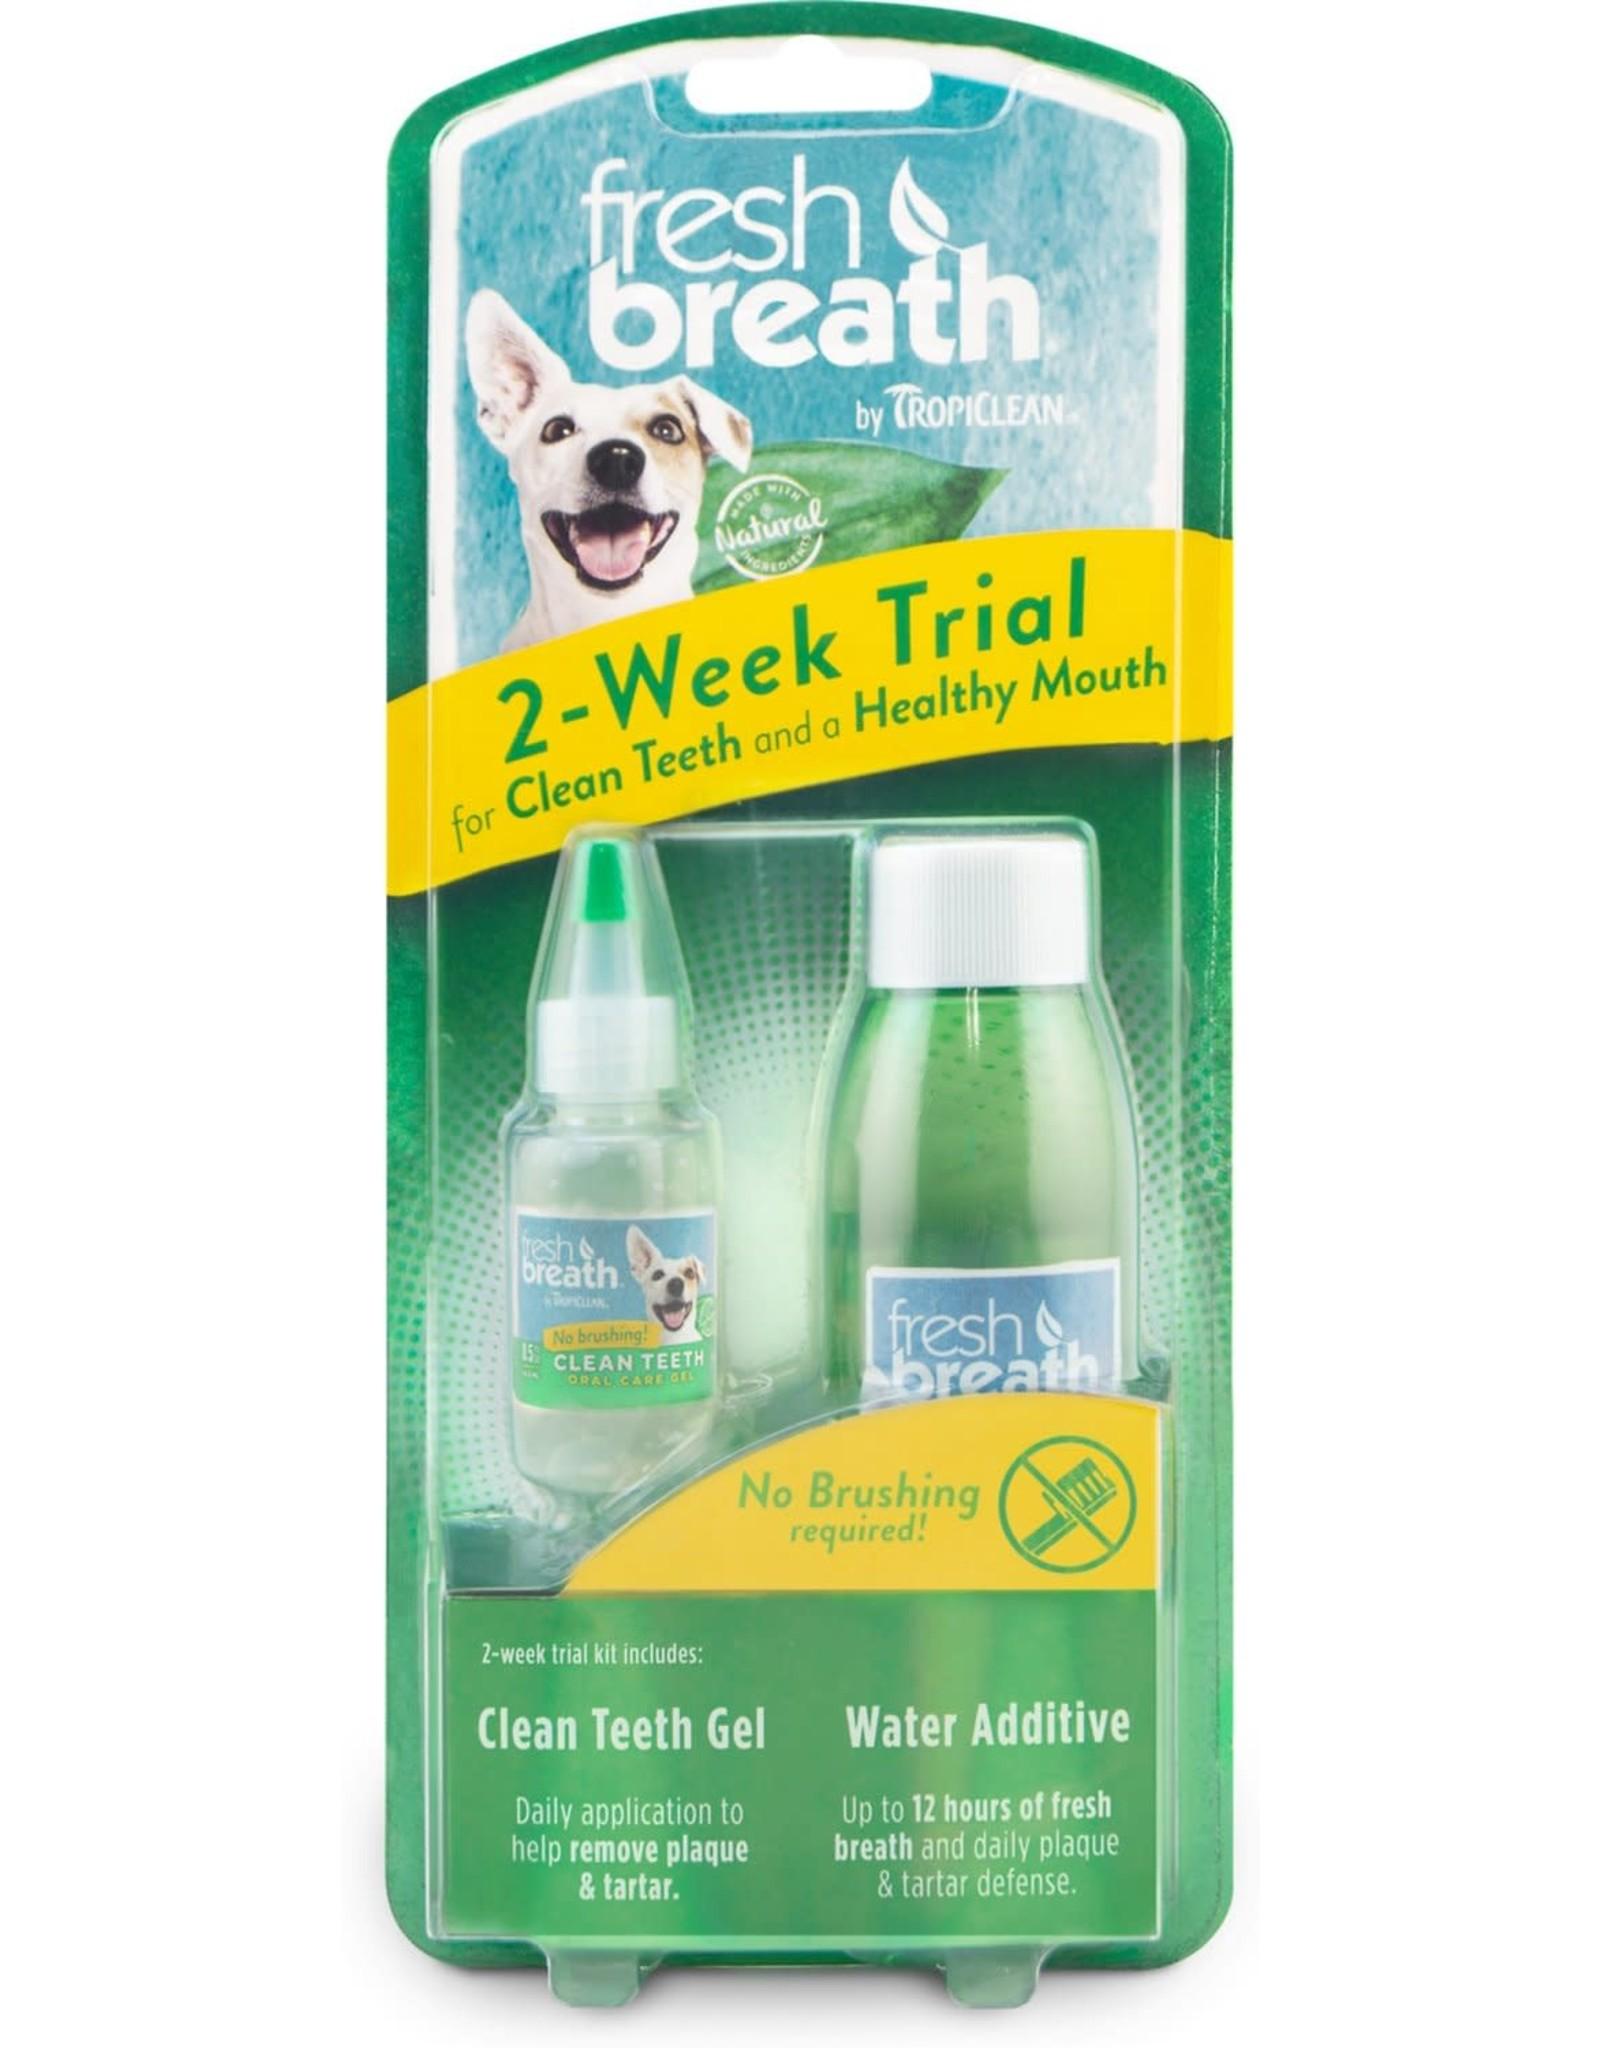 TropiClean TROPICLEAN FRESH BREATH 2-WEEK TRIAL CLEAN TEETH GEL & WATER ADDITIVE